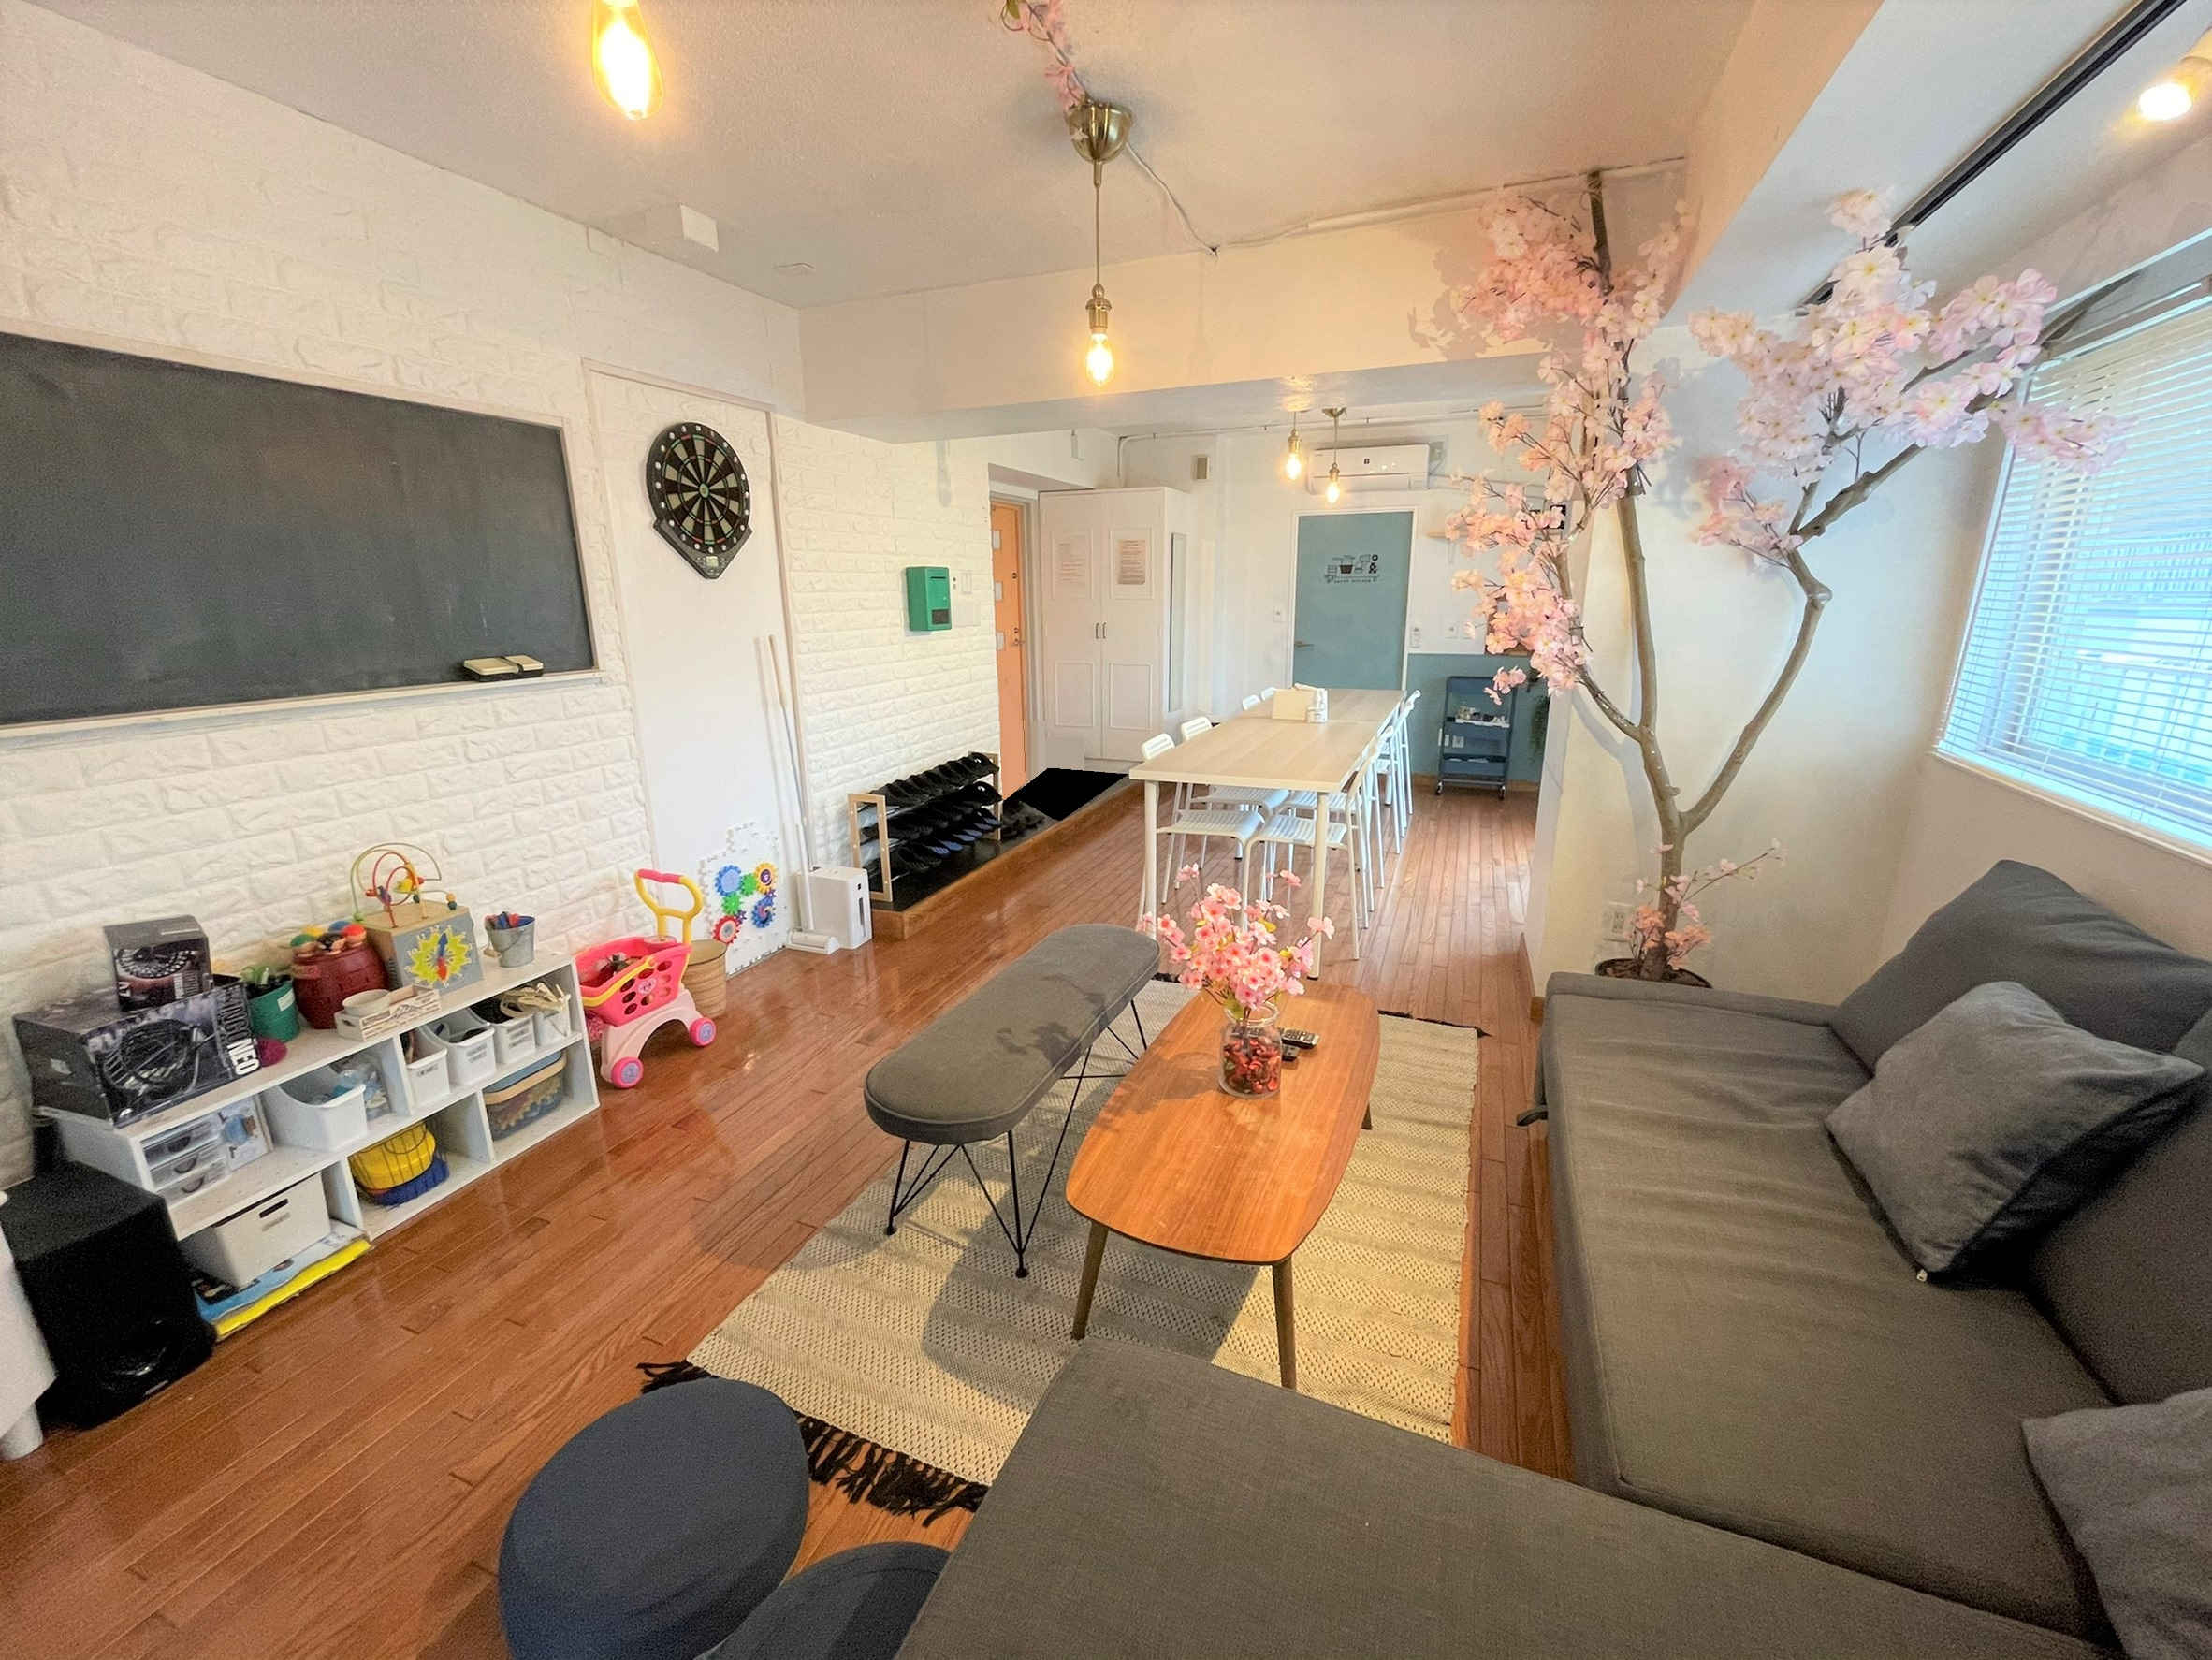 3月13日~4月末まで 桜装飾中 - COCODE下北沢 パーティー・会議室・撮影スタジオの室内の写真